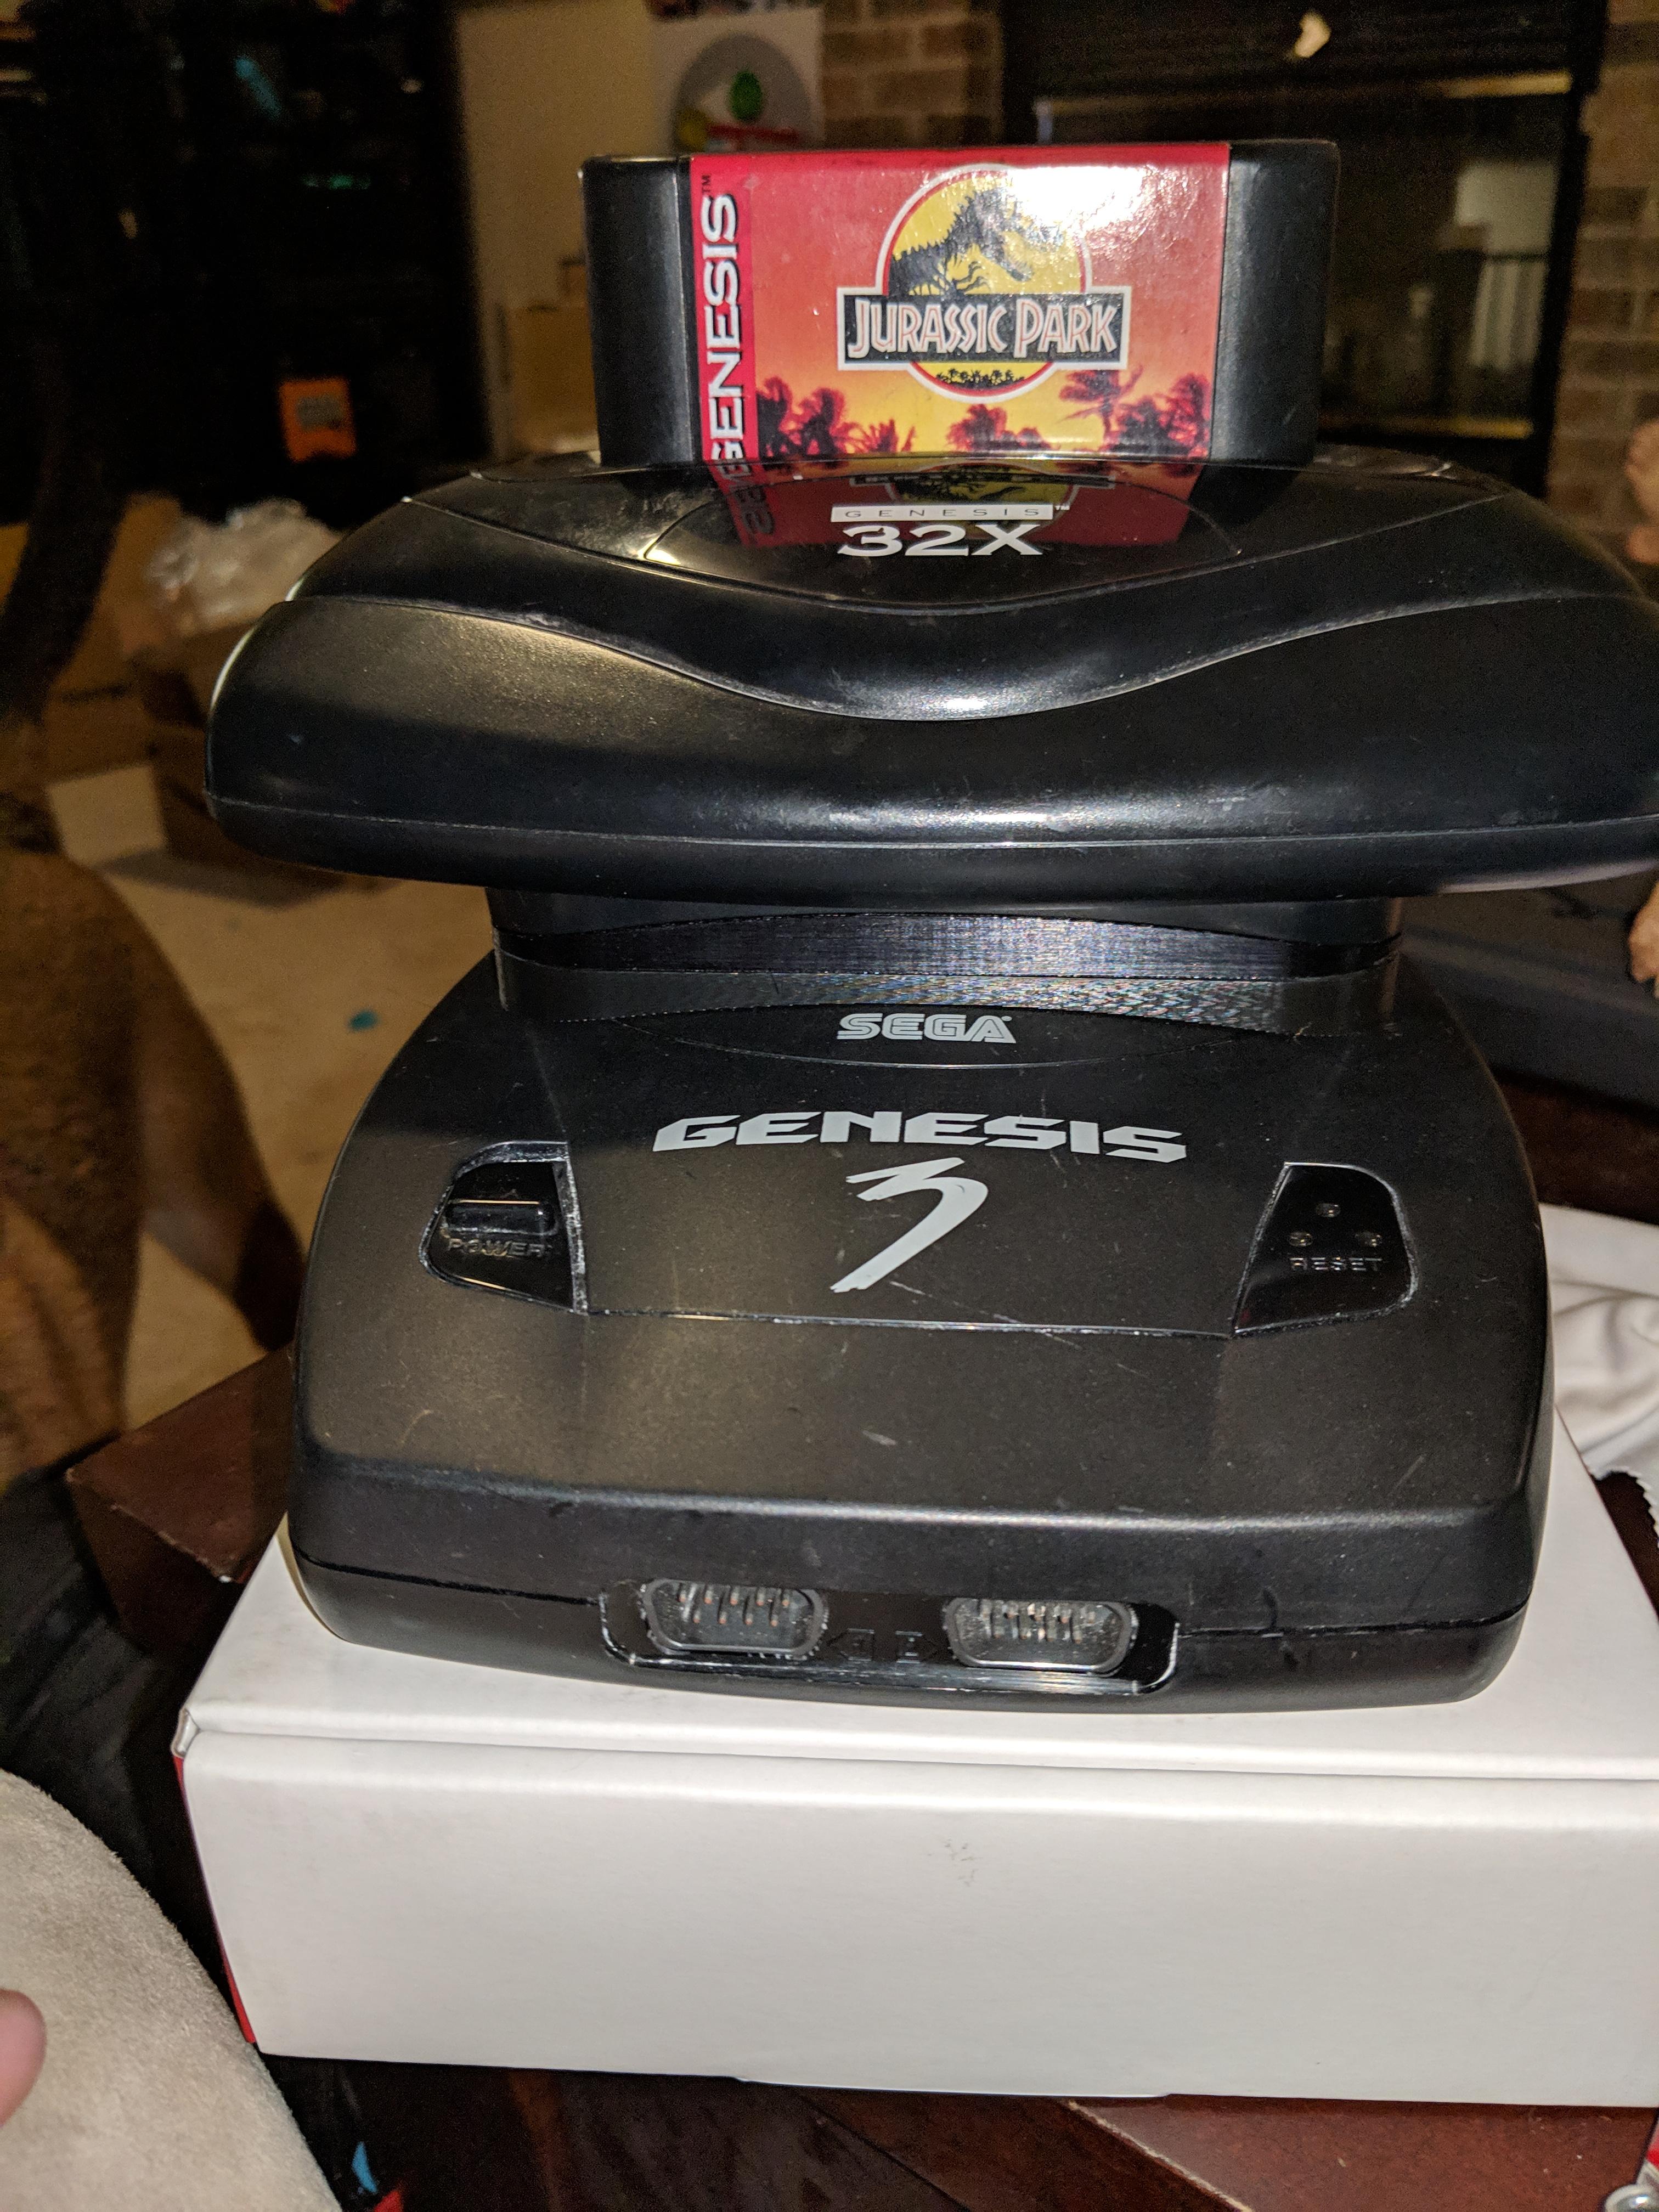 Sega 32x Genesis 3 Riser